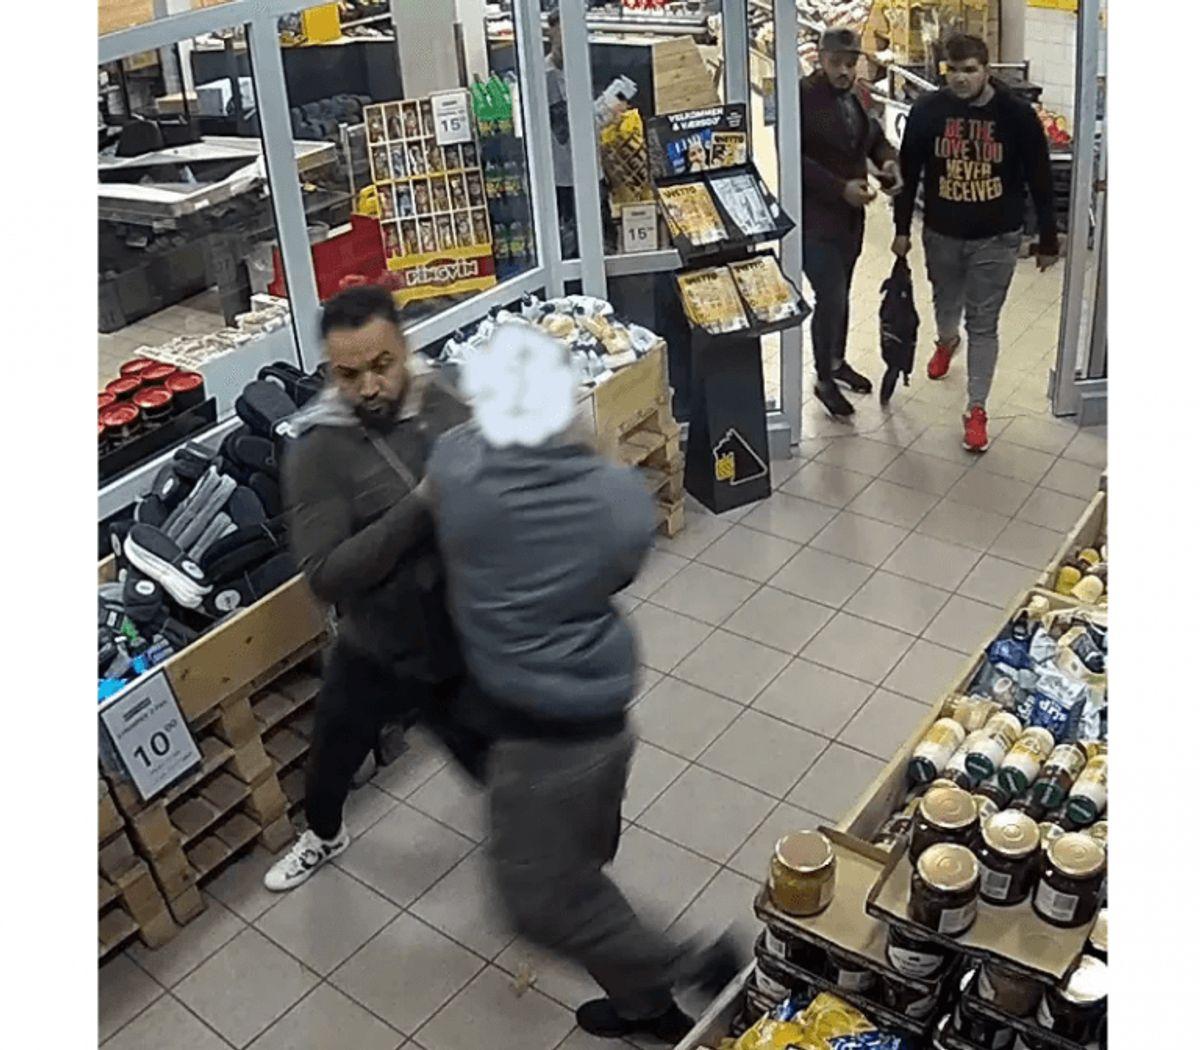 De tre røvere ses her – butiksdetektiven er sløret.  KLIK FOR MERE (Foto: Sydøstjyllands Politi)